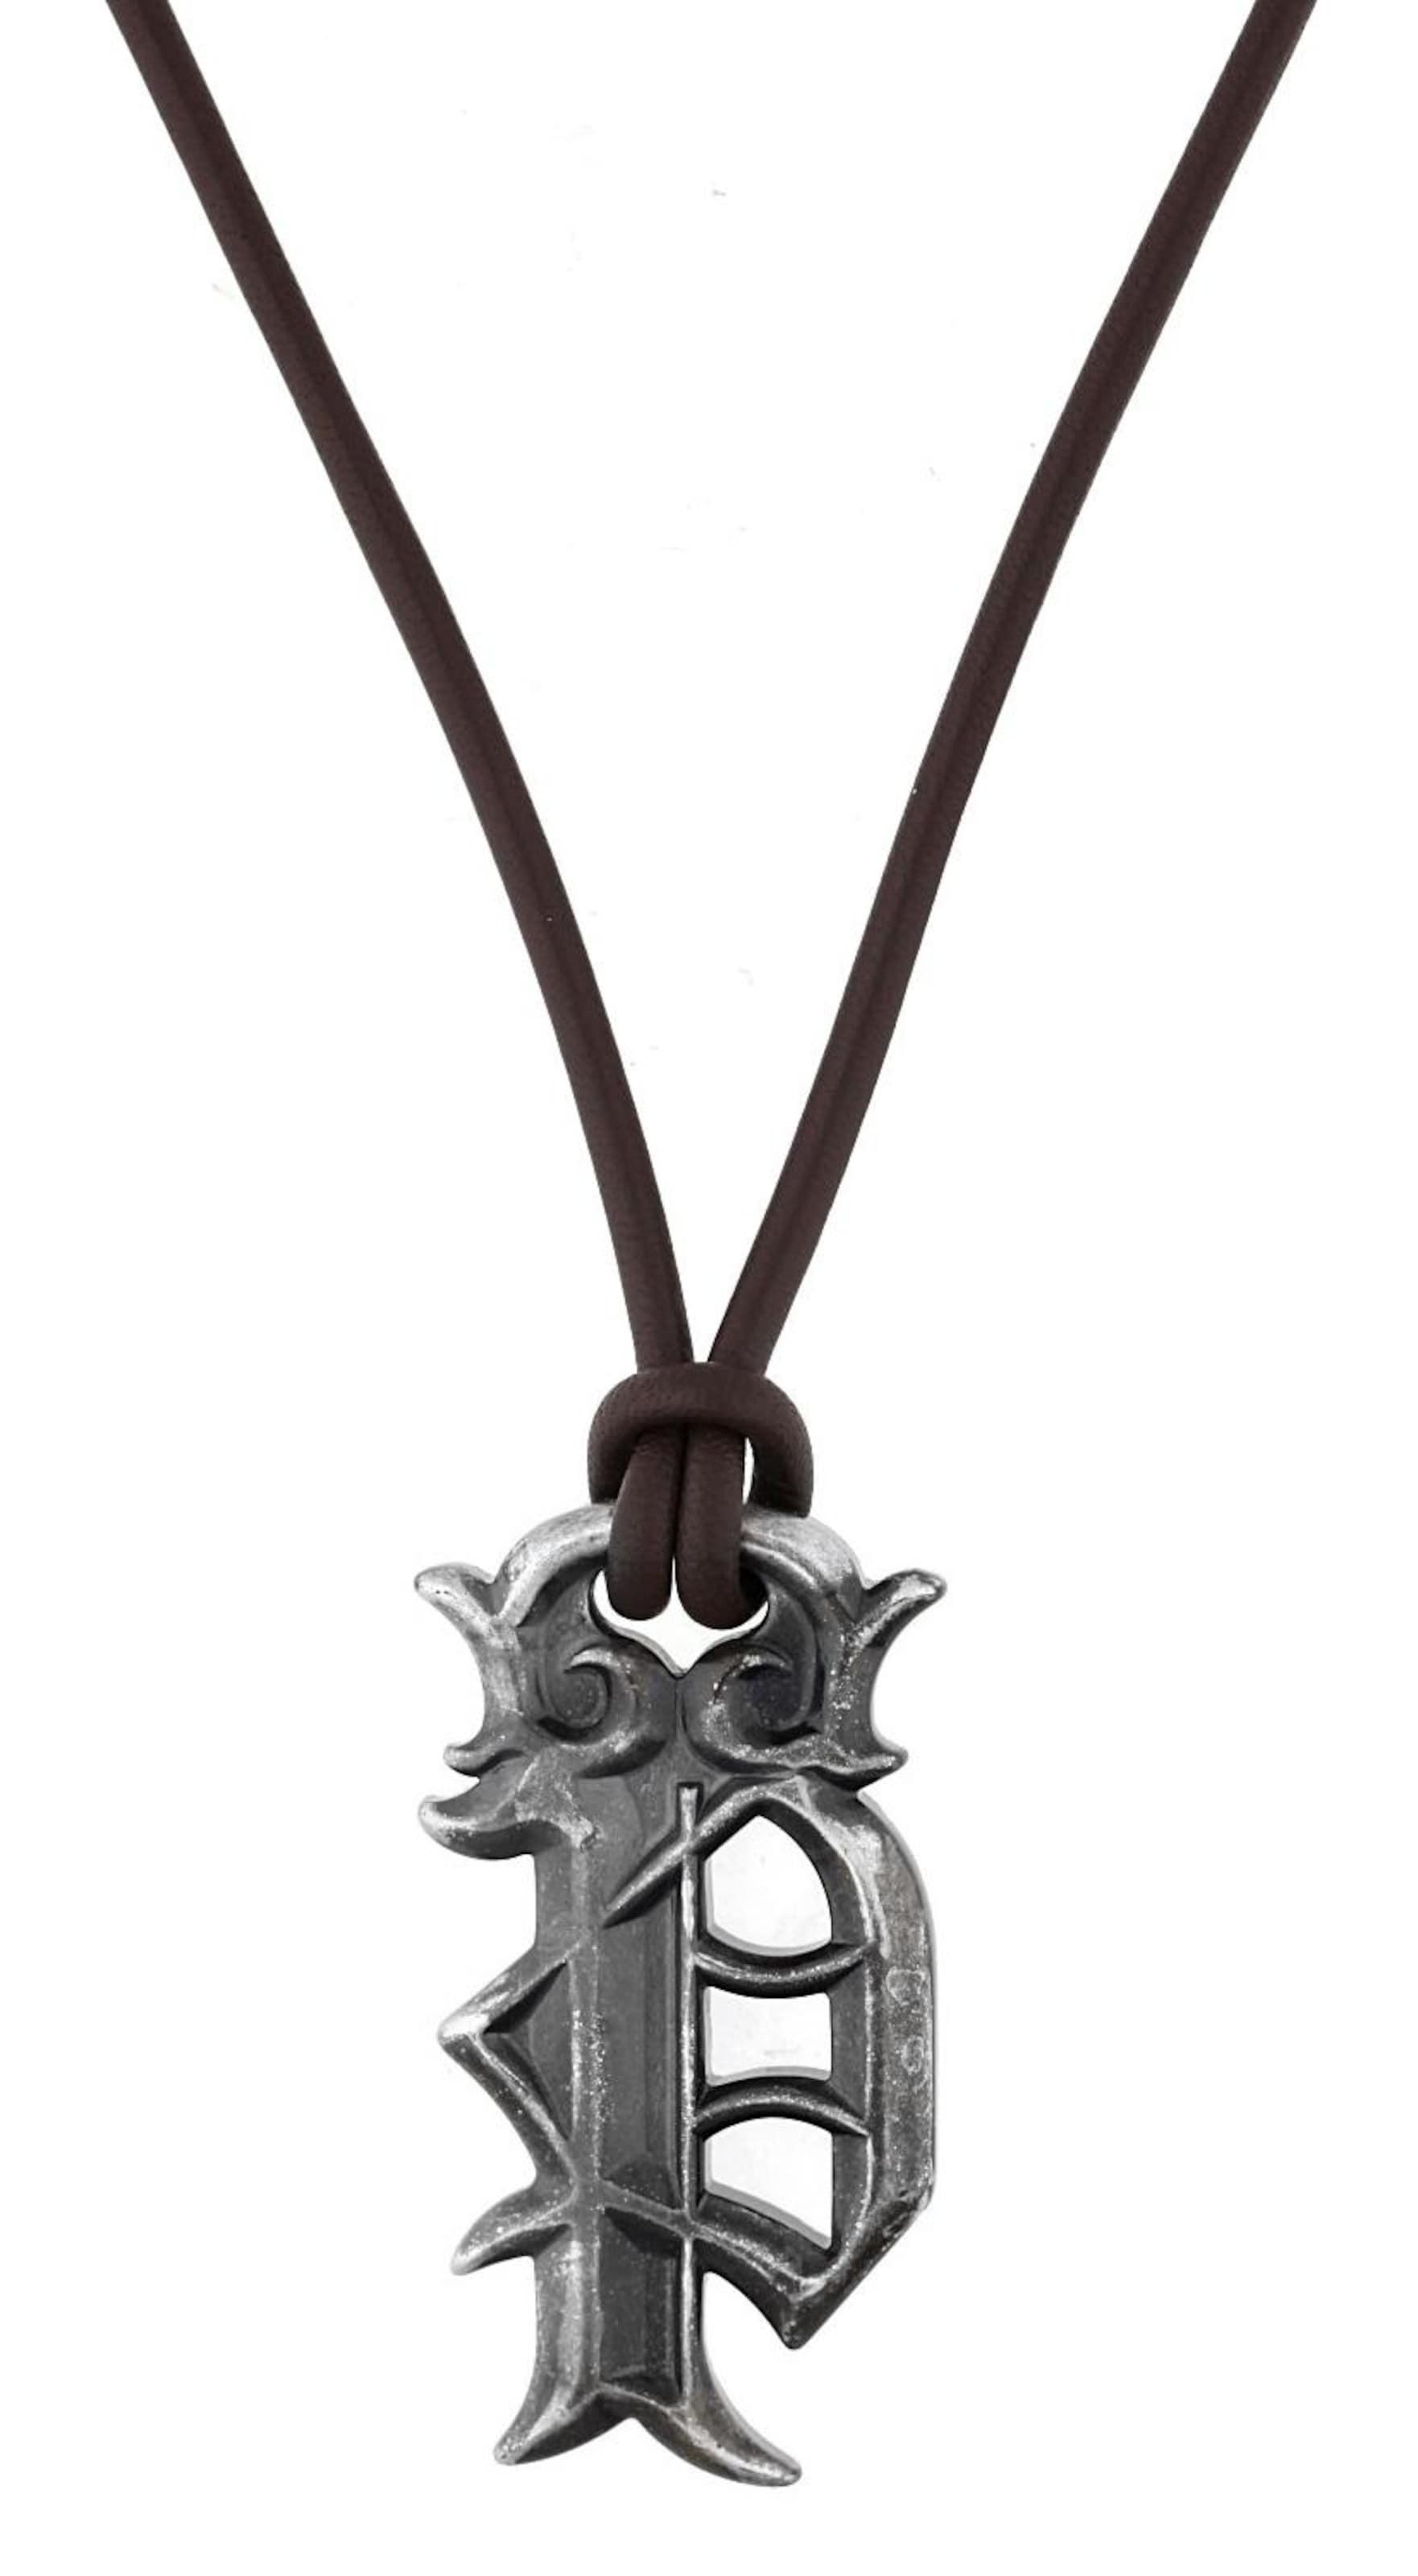 POLICE Halskette P ROYAL PJ21917PLE-02 mit maskulinem Look Günstig Online Rabatt 2018 Neueste Billige Neuesten Kollektionen Modisch mM7ei